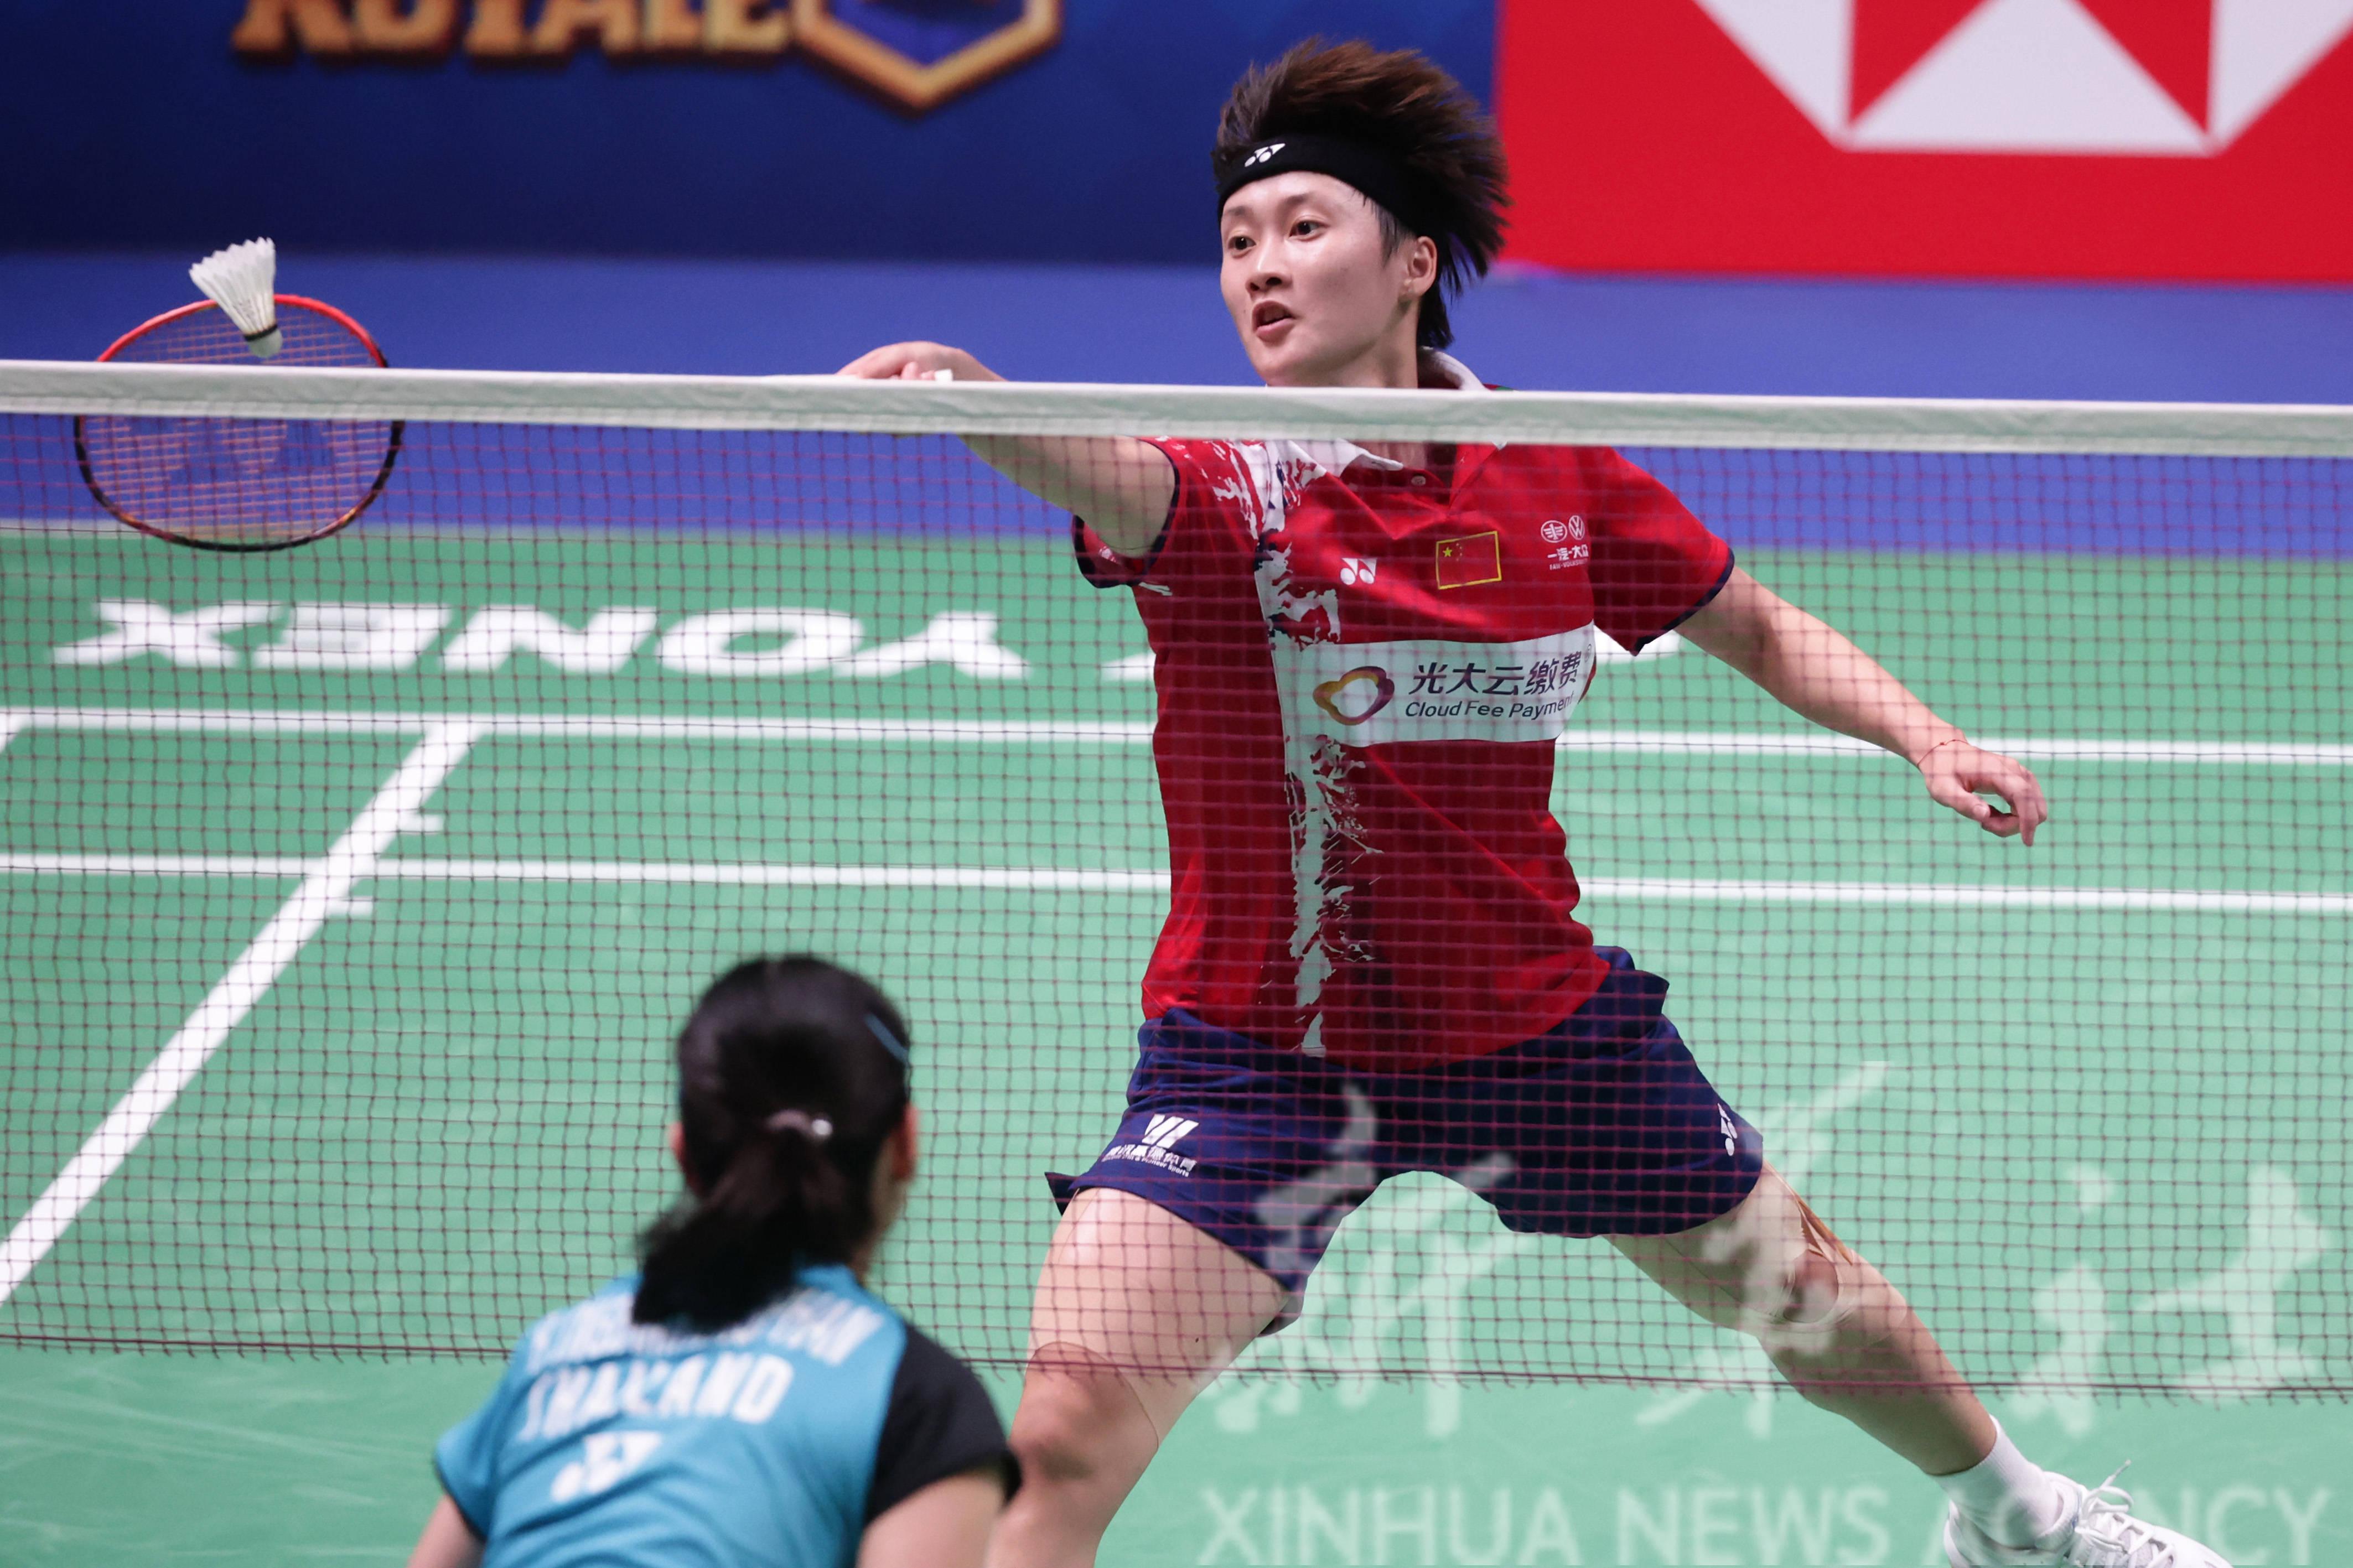 羽毛球——苏迪曼杯:中国队胜泰国队